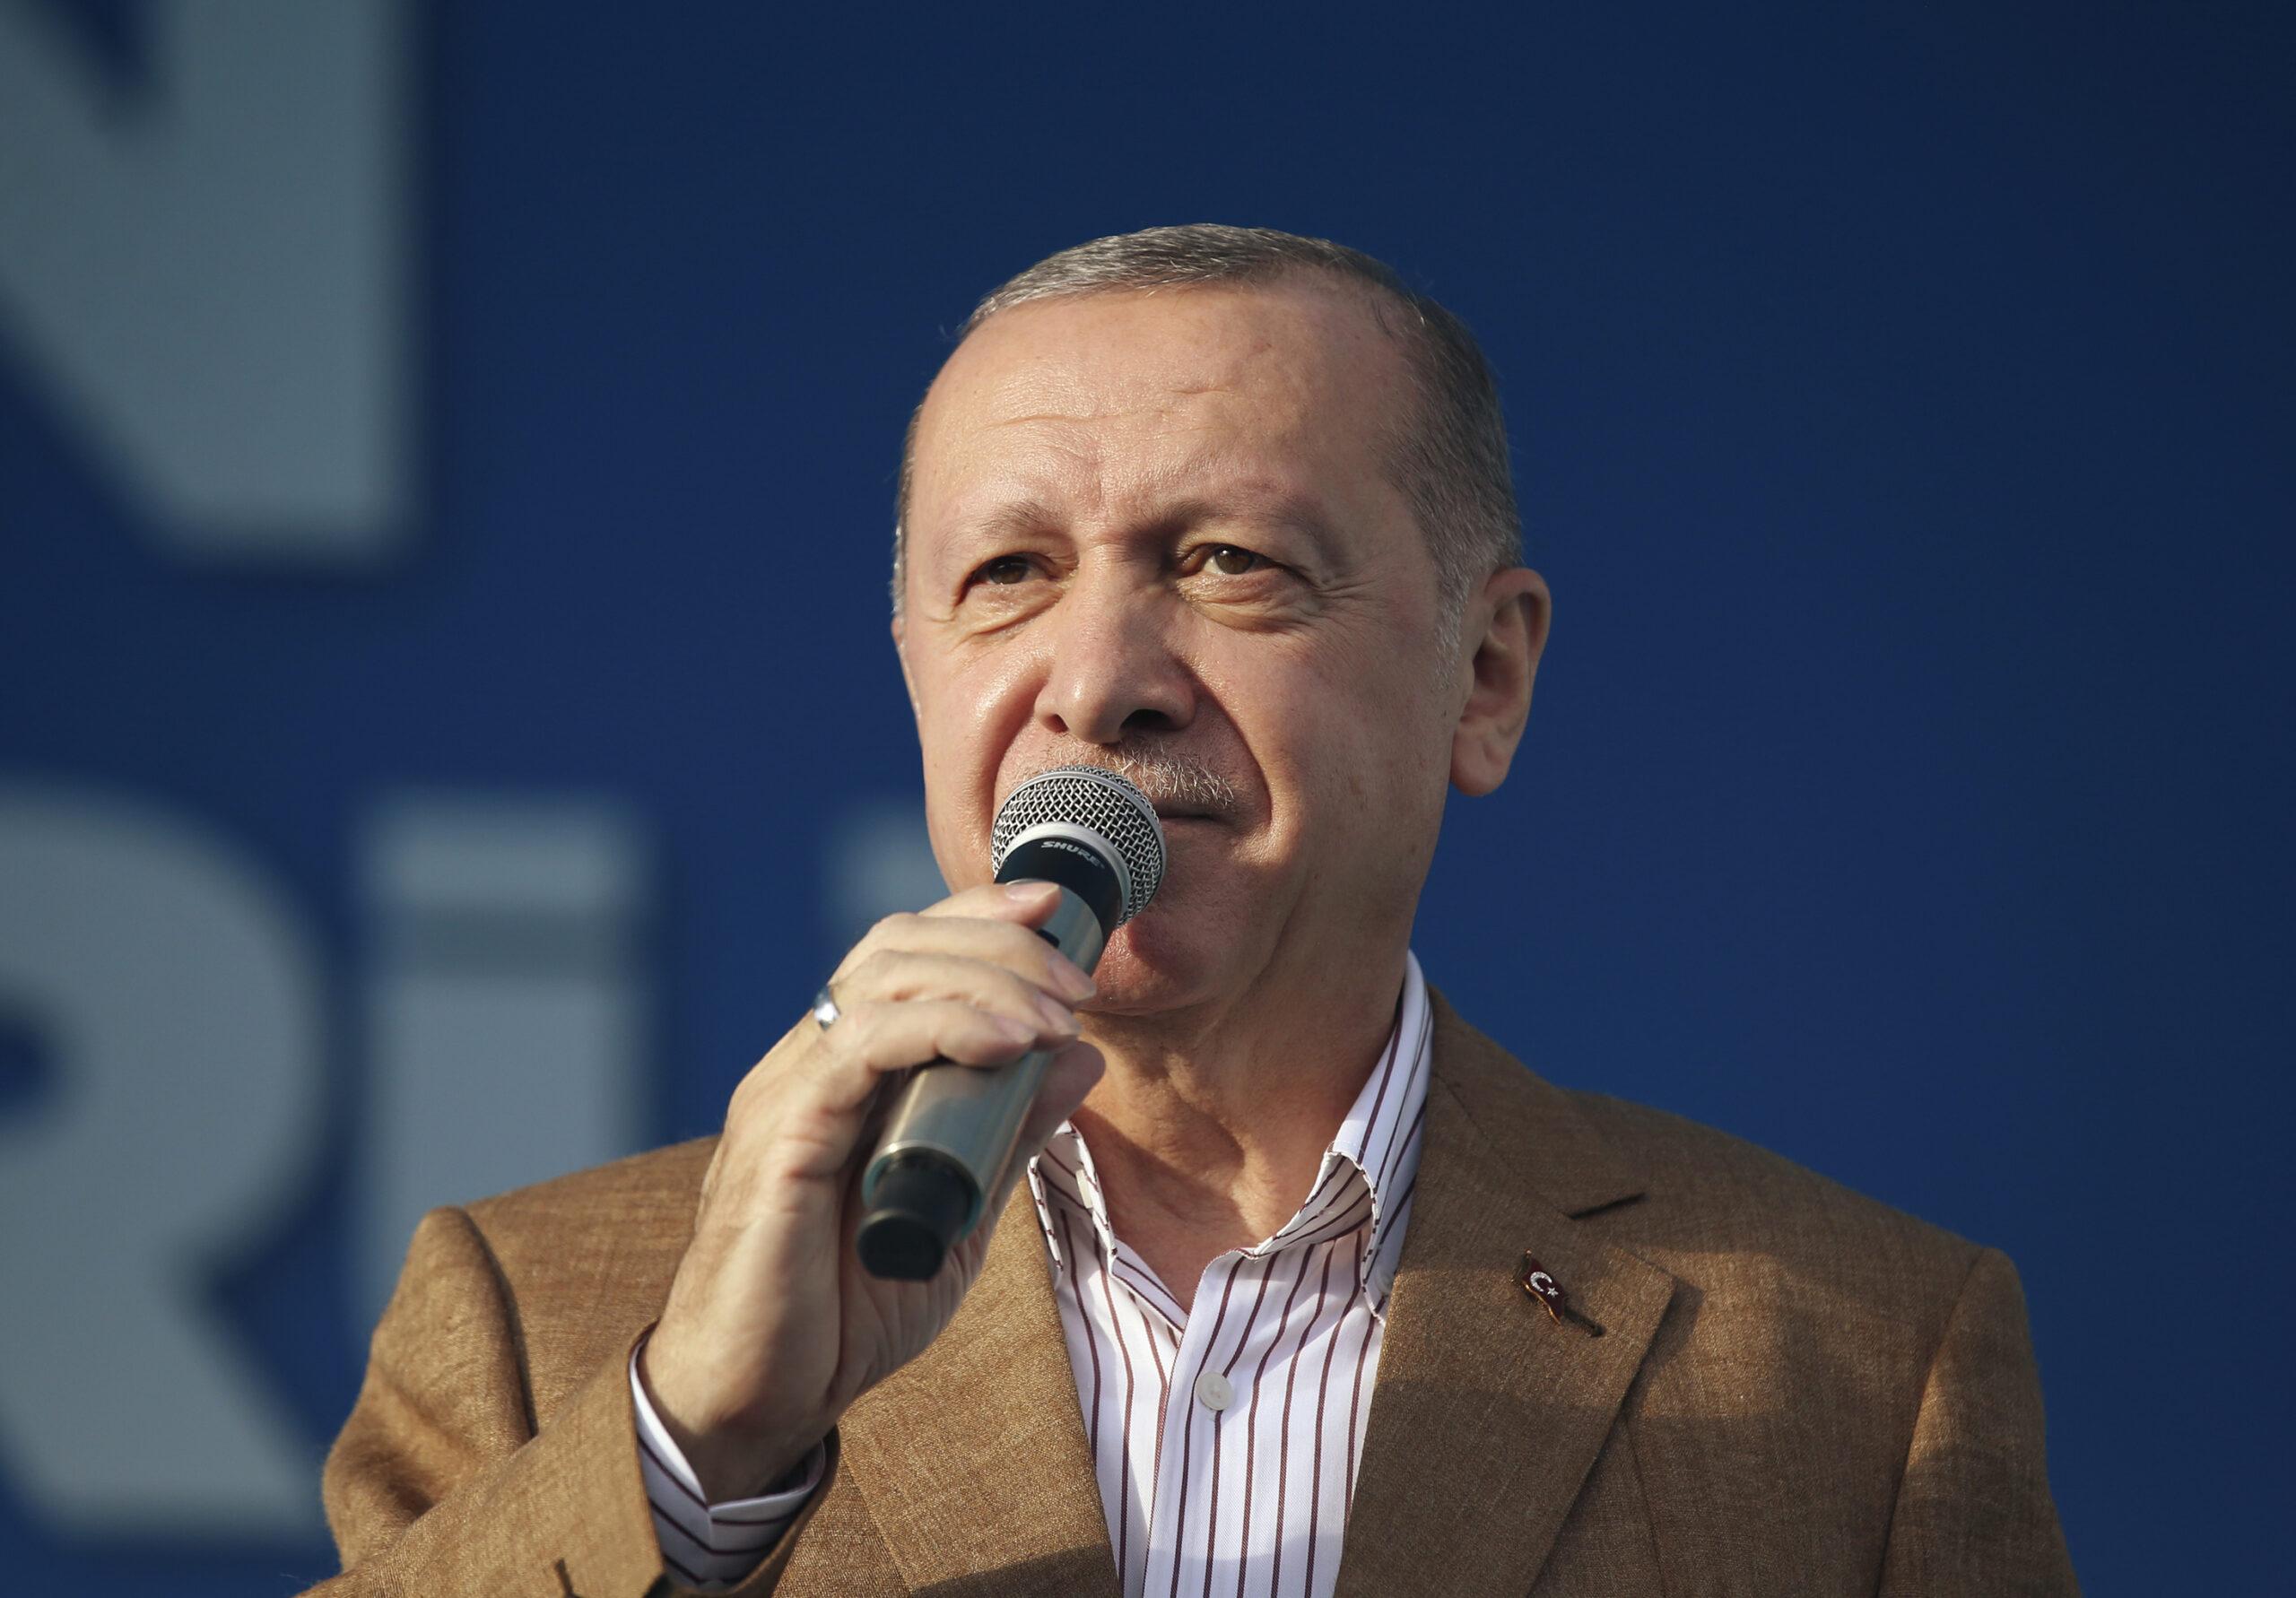 erdogan-turcima:-ne-kupujte-francusku-robu